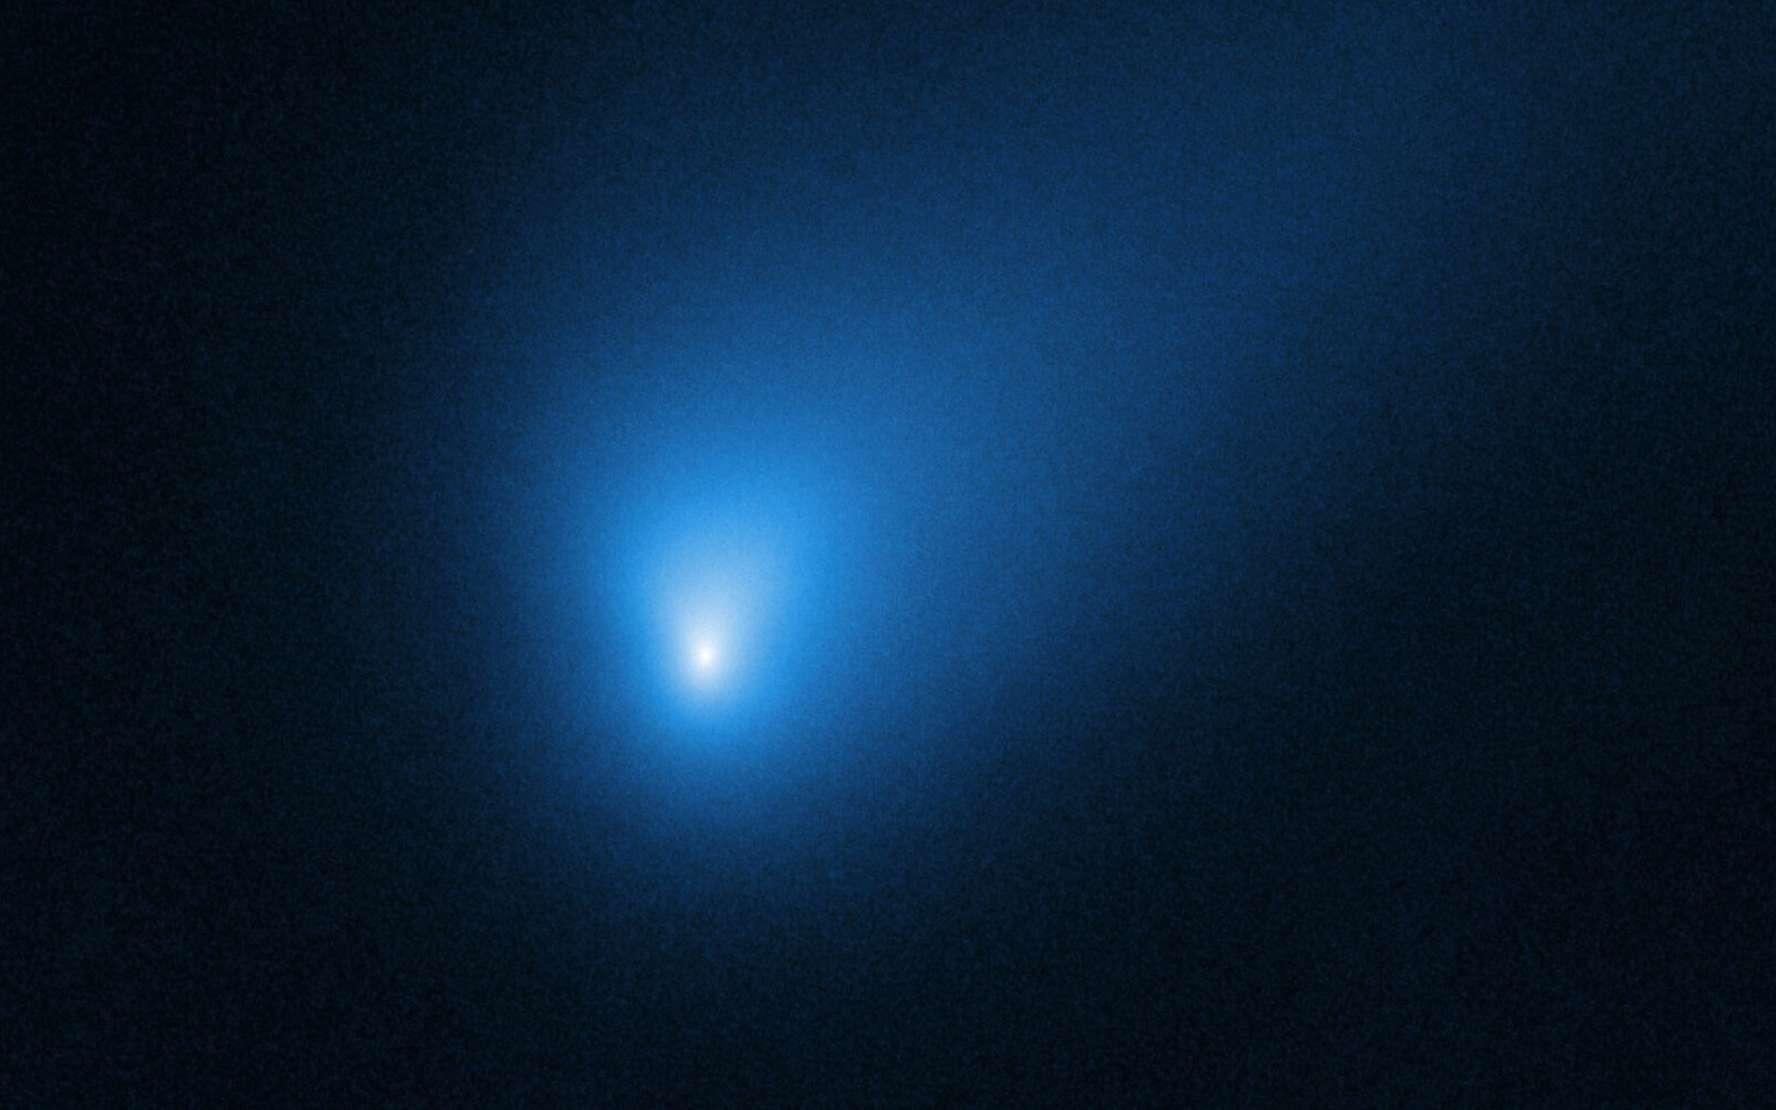 La comète interstellaire 2I/Borisov photographiée par Hubble